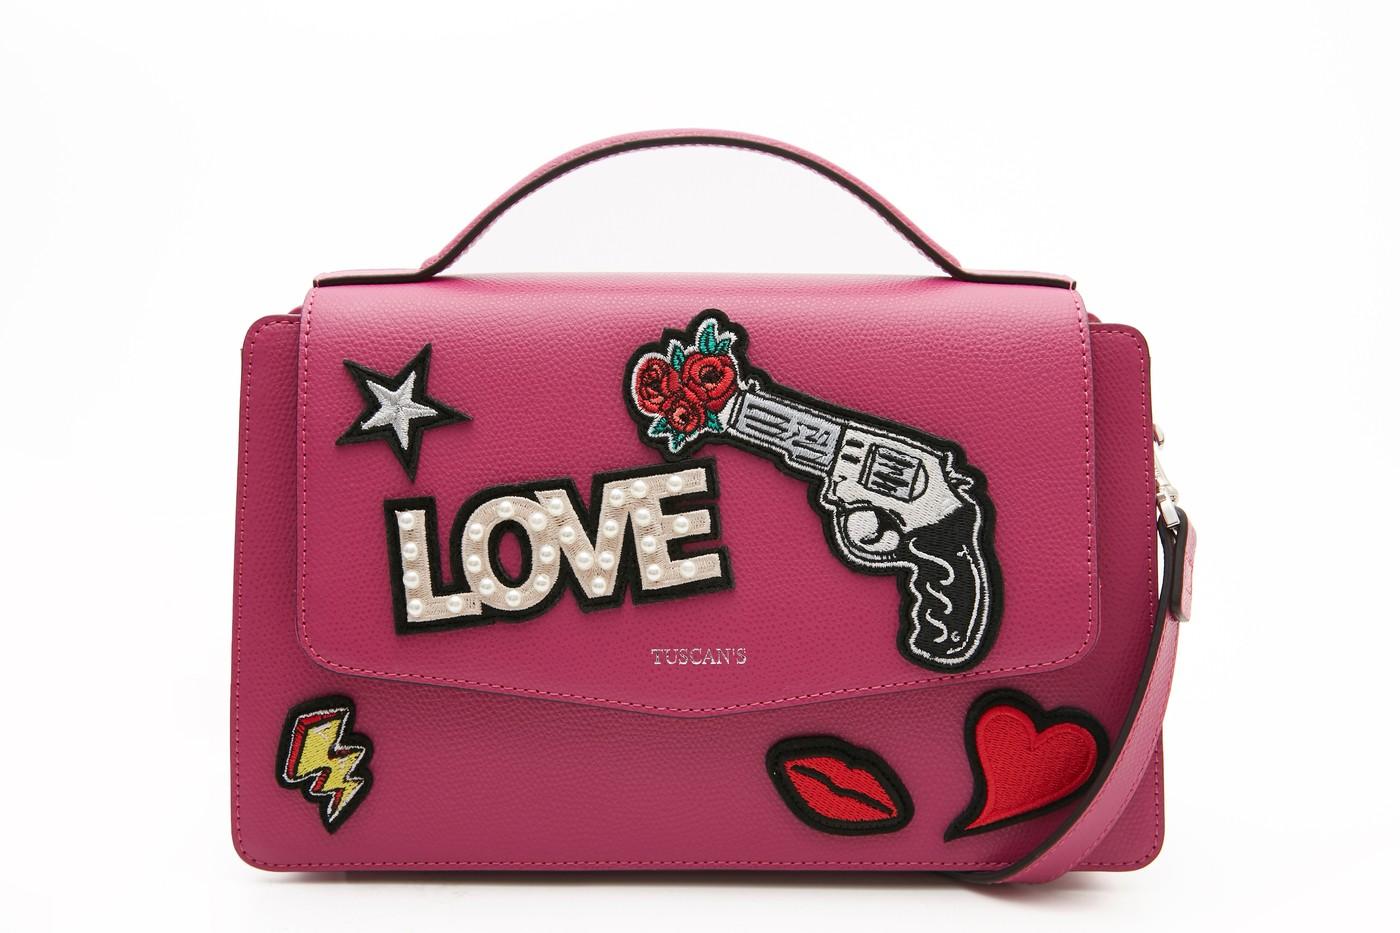 West Flap Bag